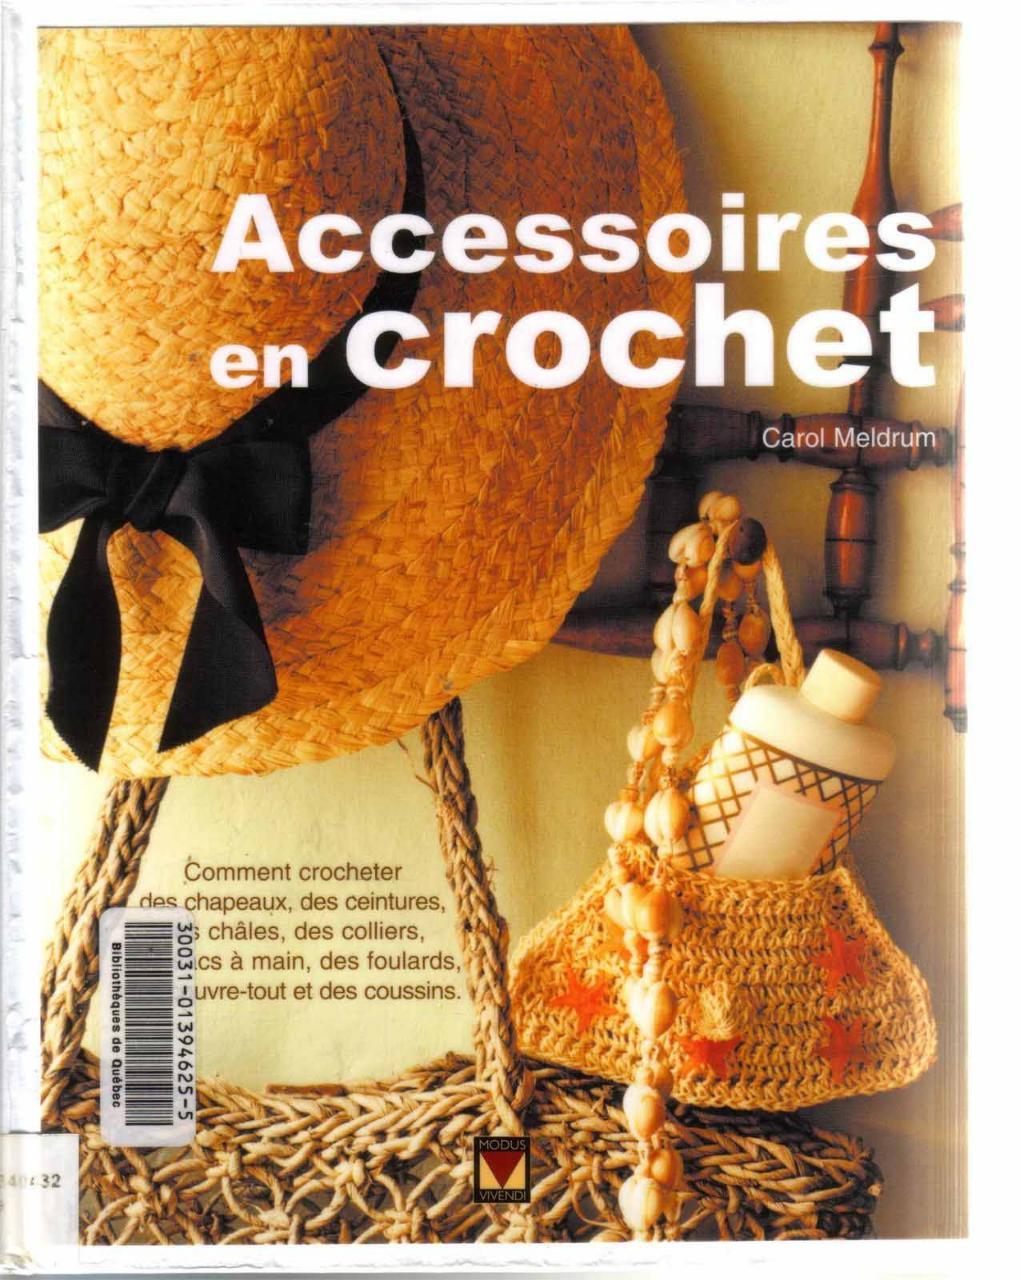 Aperçu Accessoires.En.Crochet.pdf - Page 1/125